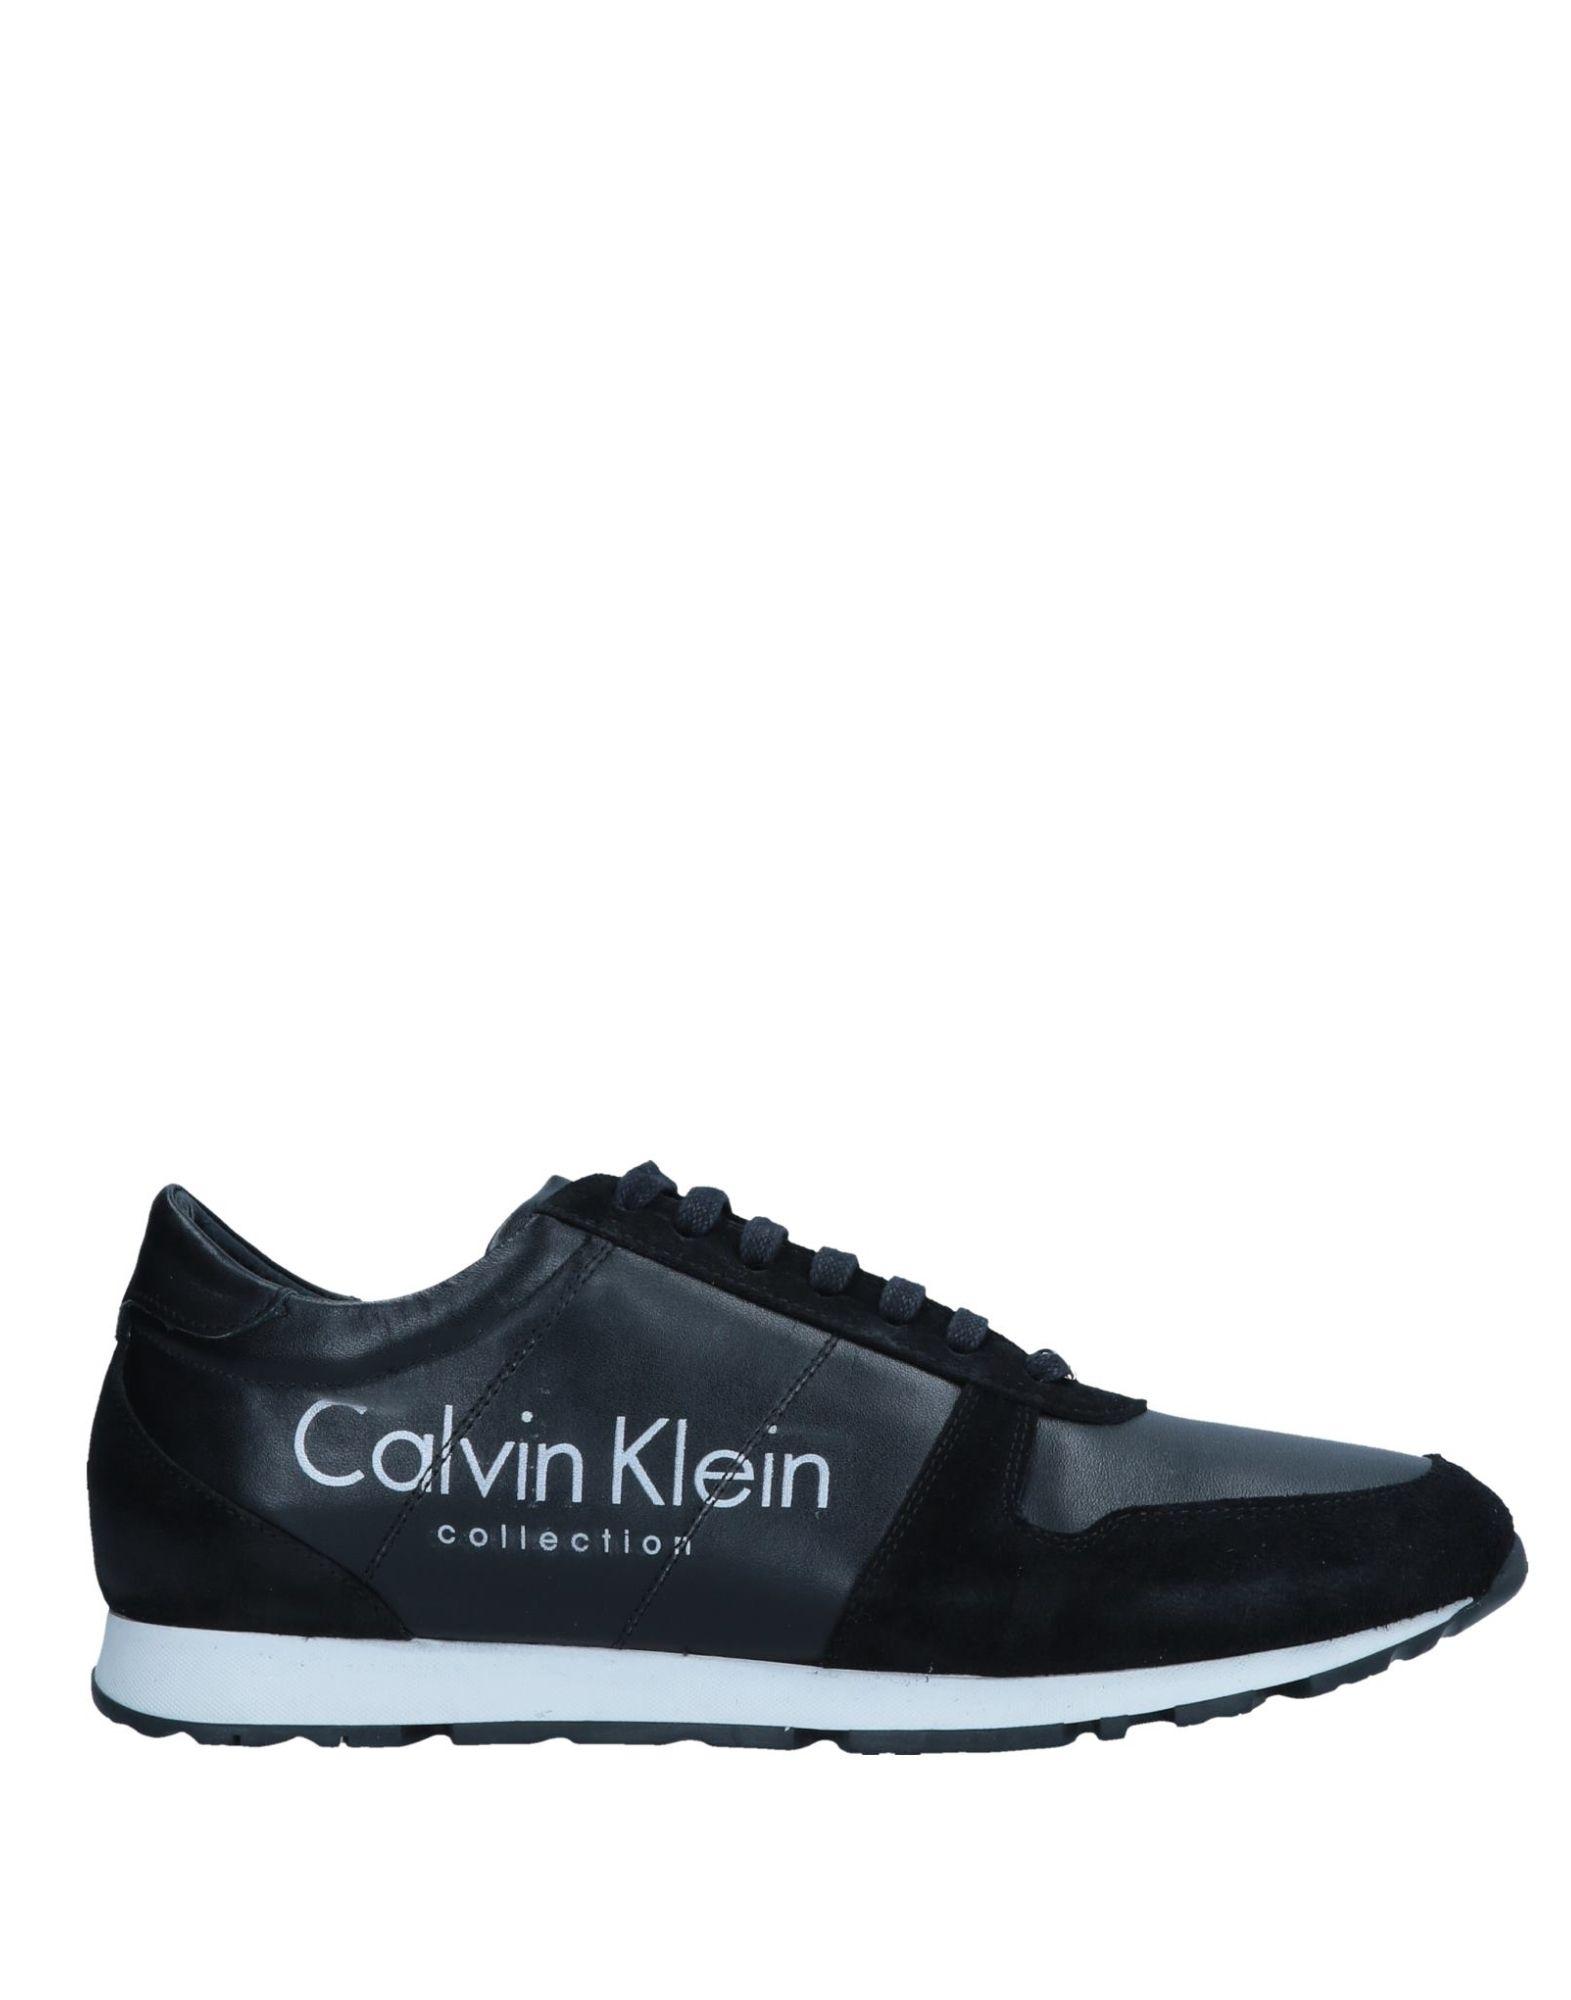 Calvin Klein Collection Sneakers Herren  11540180HV Gute Qualität beliebte Schuhe